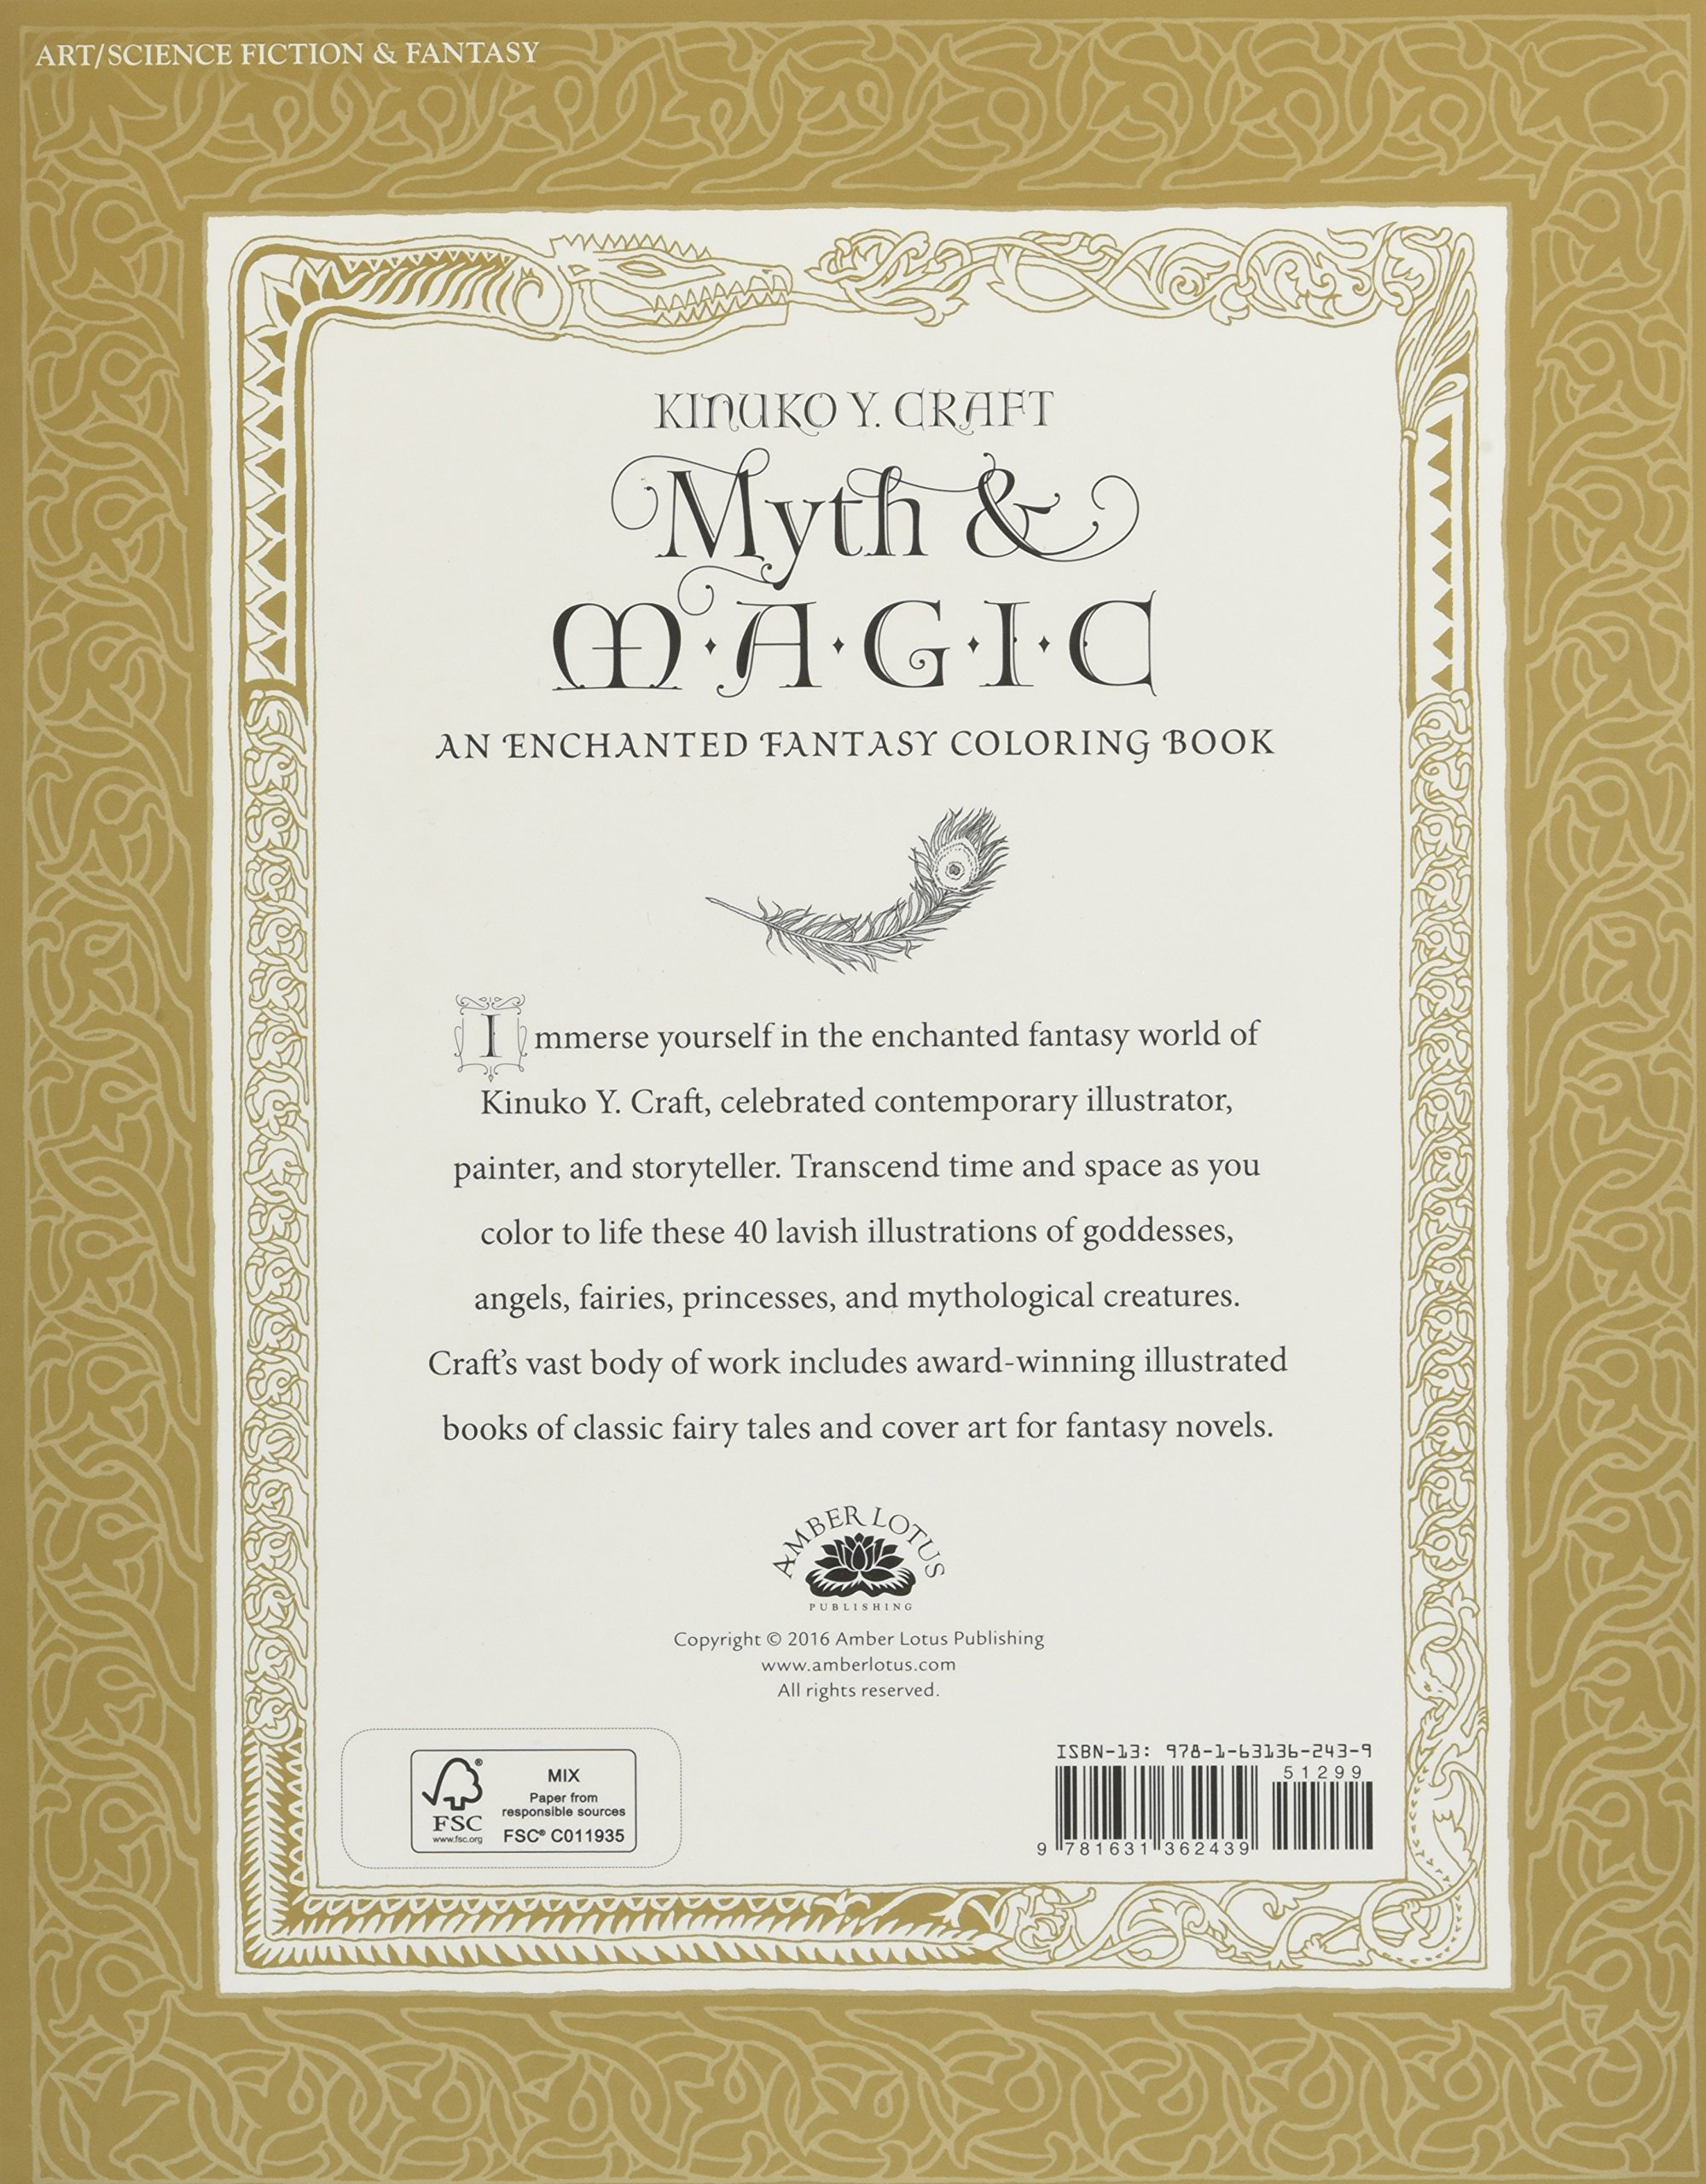 Myth magic an enchanted fantasy coloring book livros na amazon myth magic an enchanted fantasy coloring book livros na amazon brasil 9781631362439 fandeluxe Images